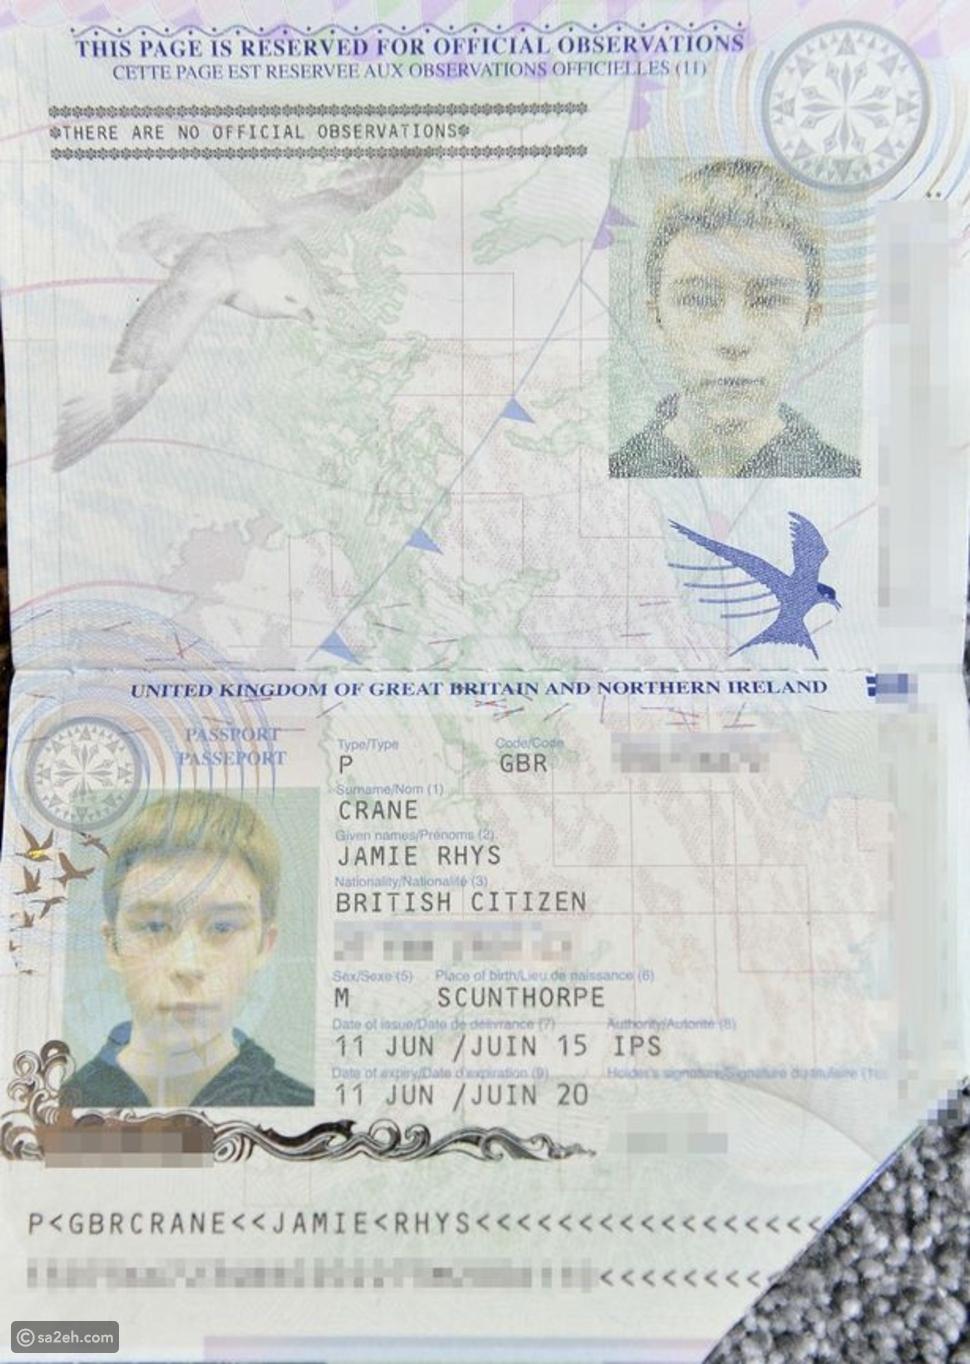 شاب بريطاني يسافر بين الدول 12 مرة بجواز سفر مُلغى